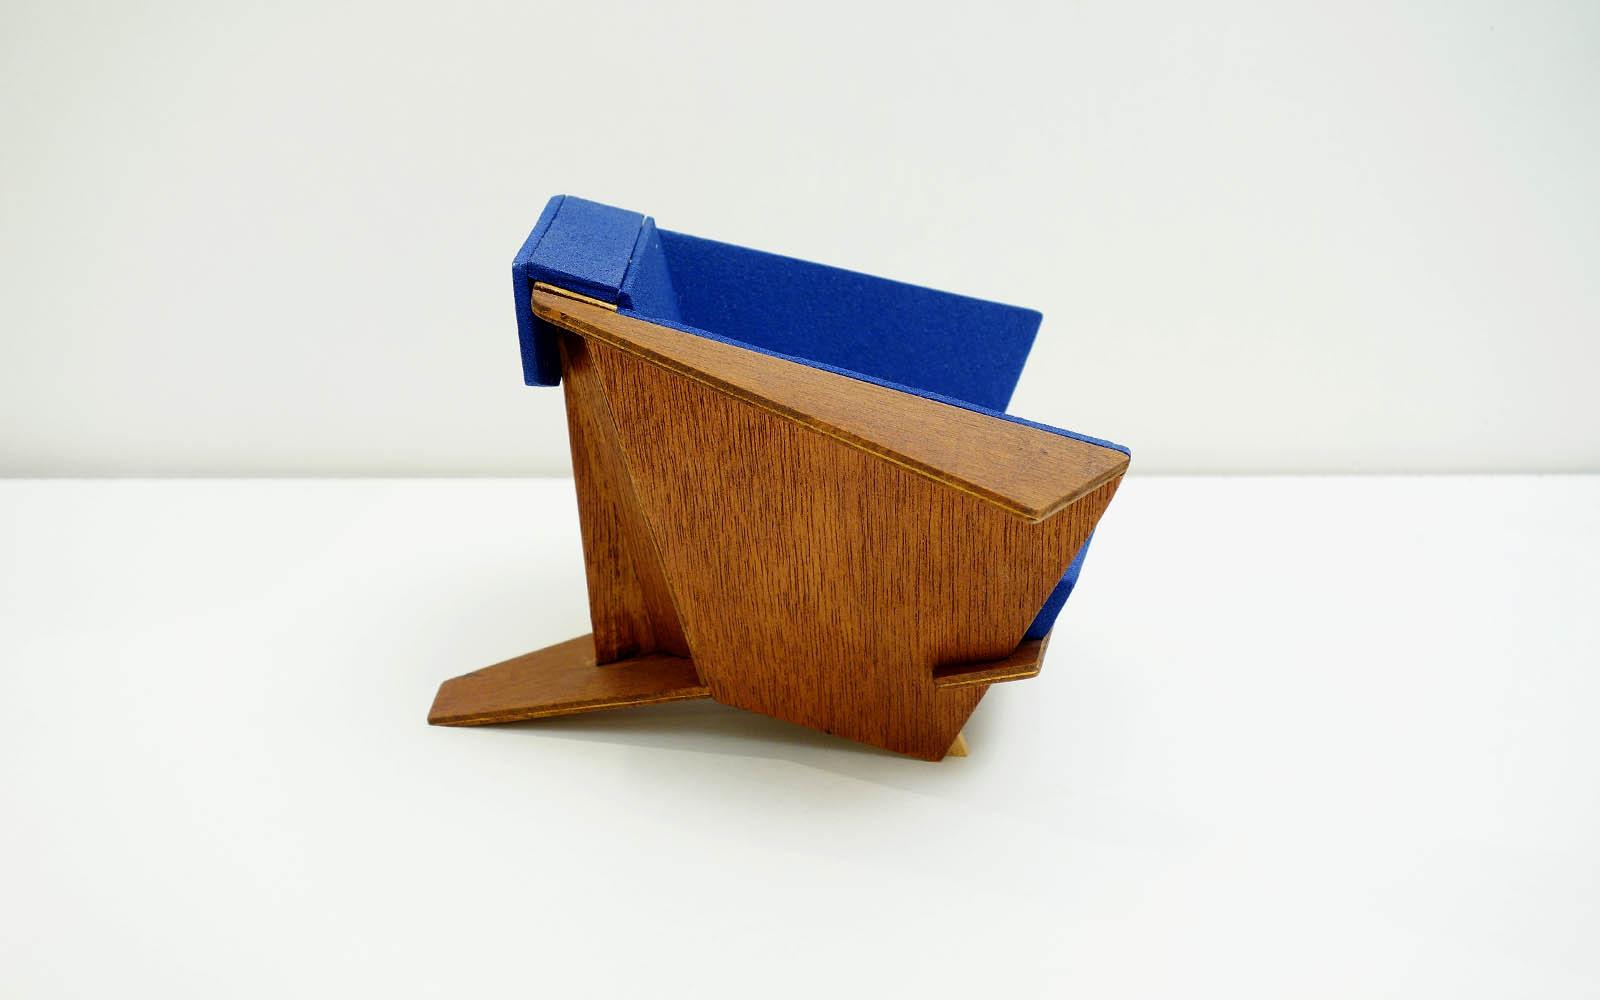 project - mini origami showcase 1